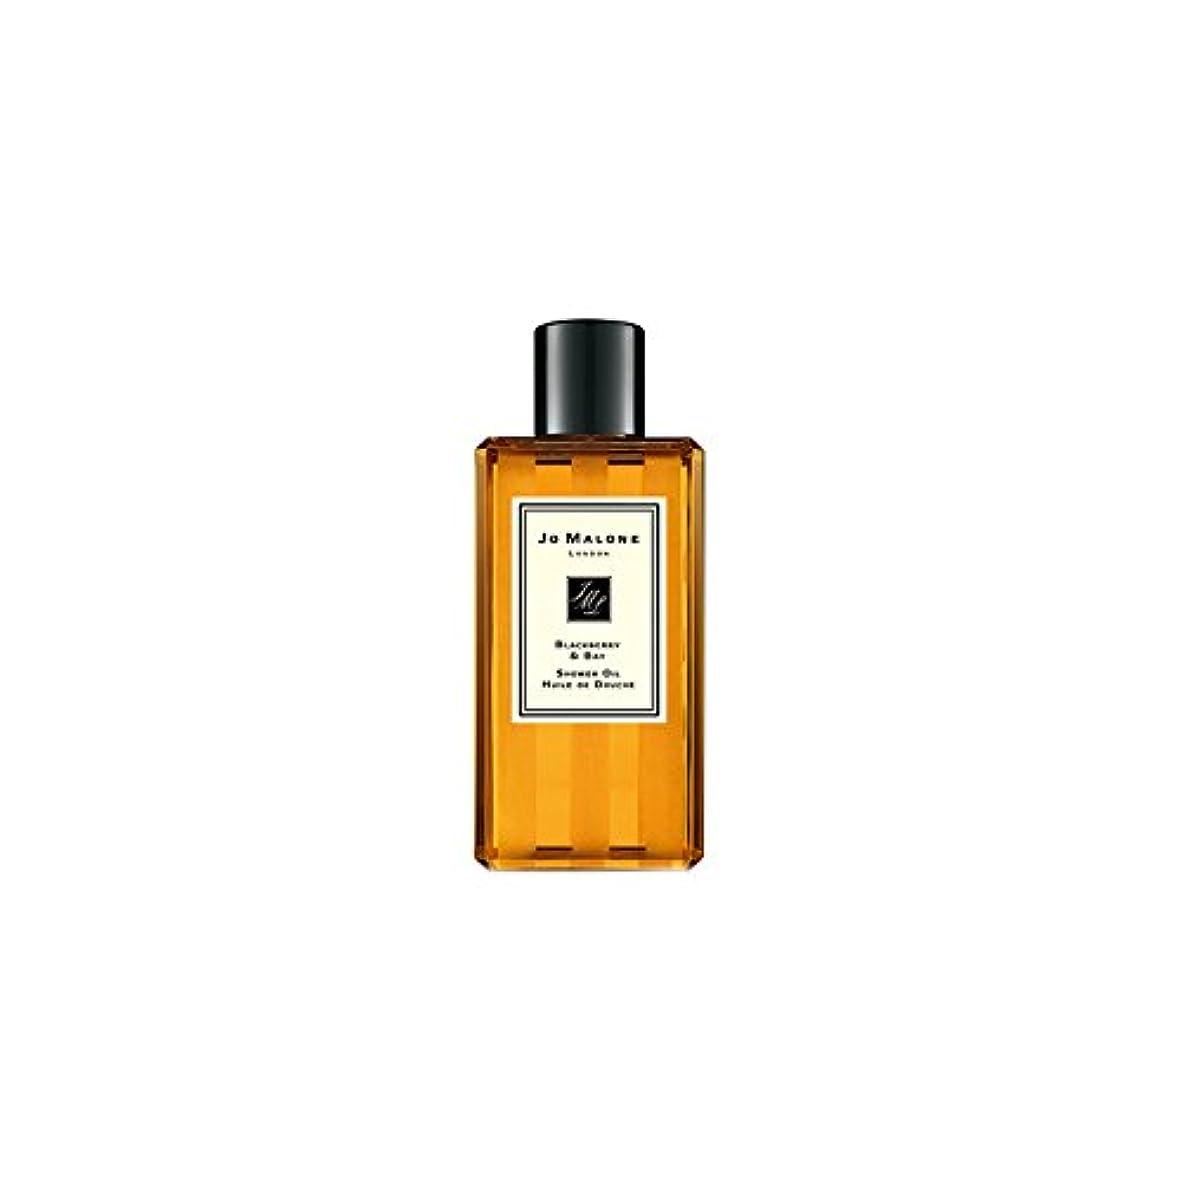 戻る開拓者モンスターJo Malone Blackberry & Bay Shower Oil - 250ml (Pack of 2) - ジョーマローンブラックベリー&ベイシャワーオイル - 250ミリリットル (x2) [並行輸入品]